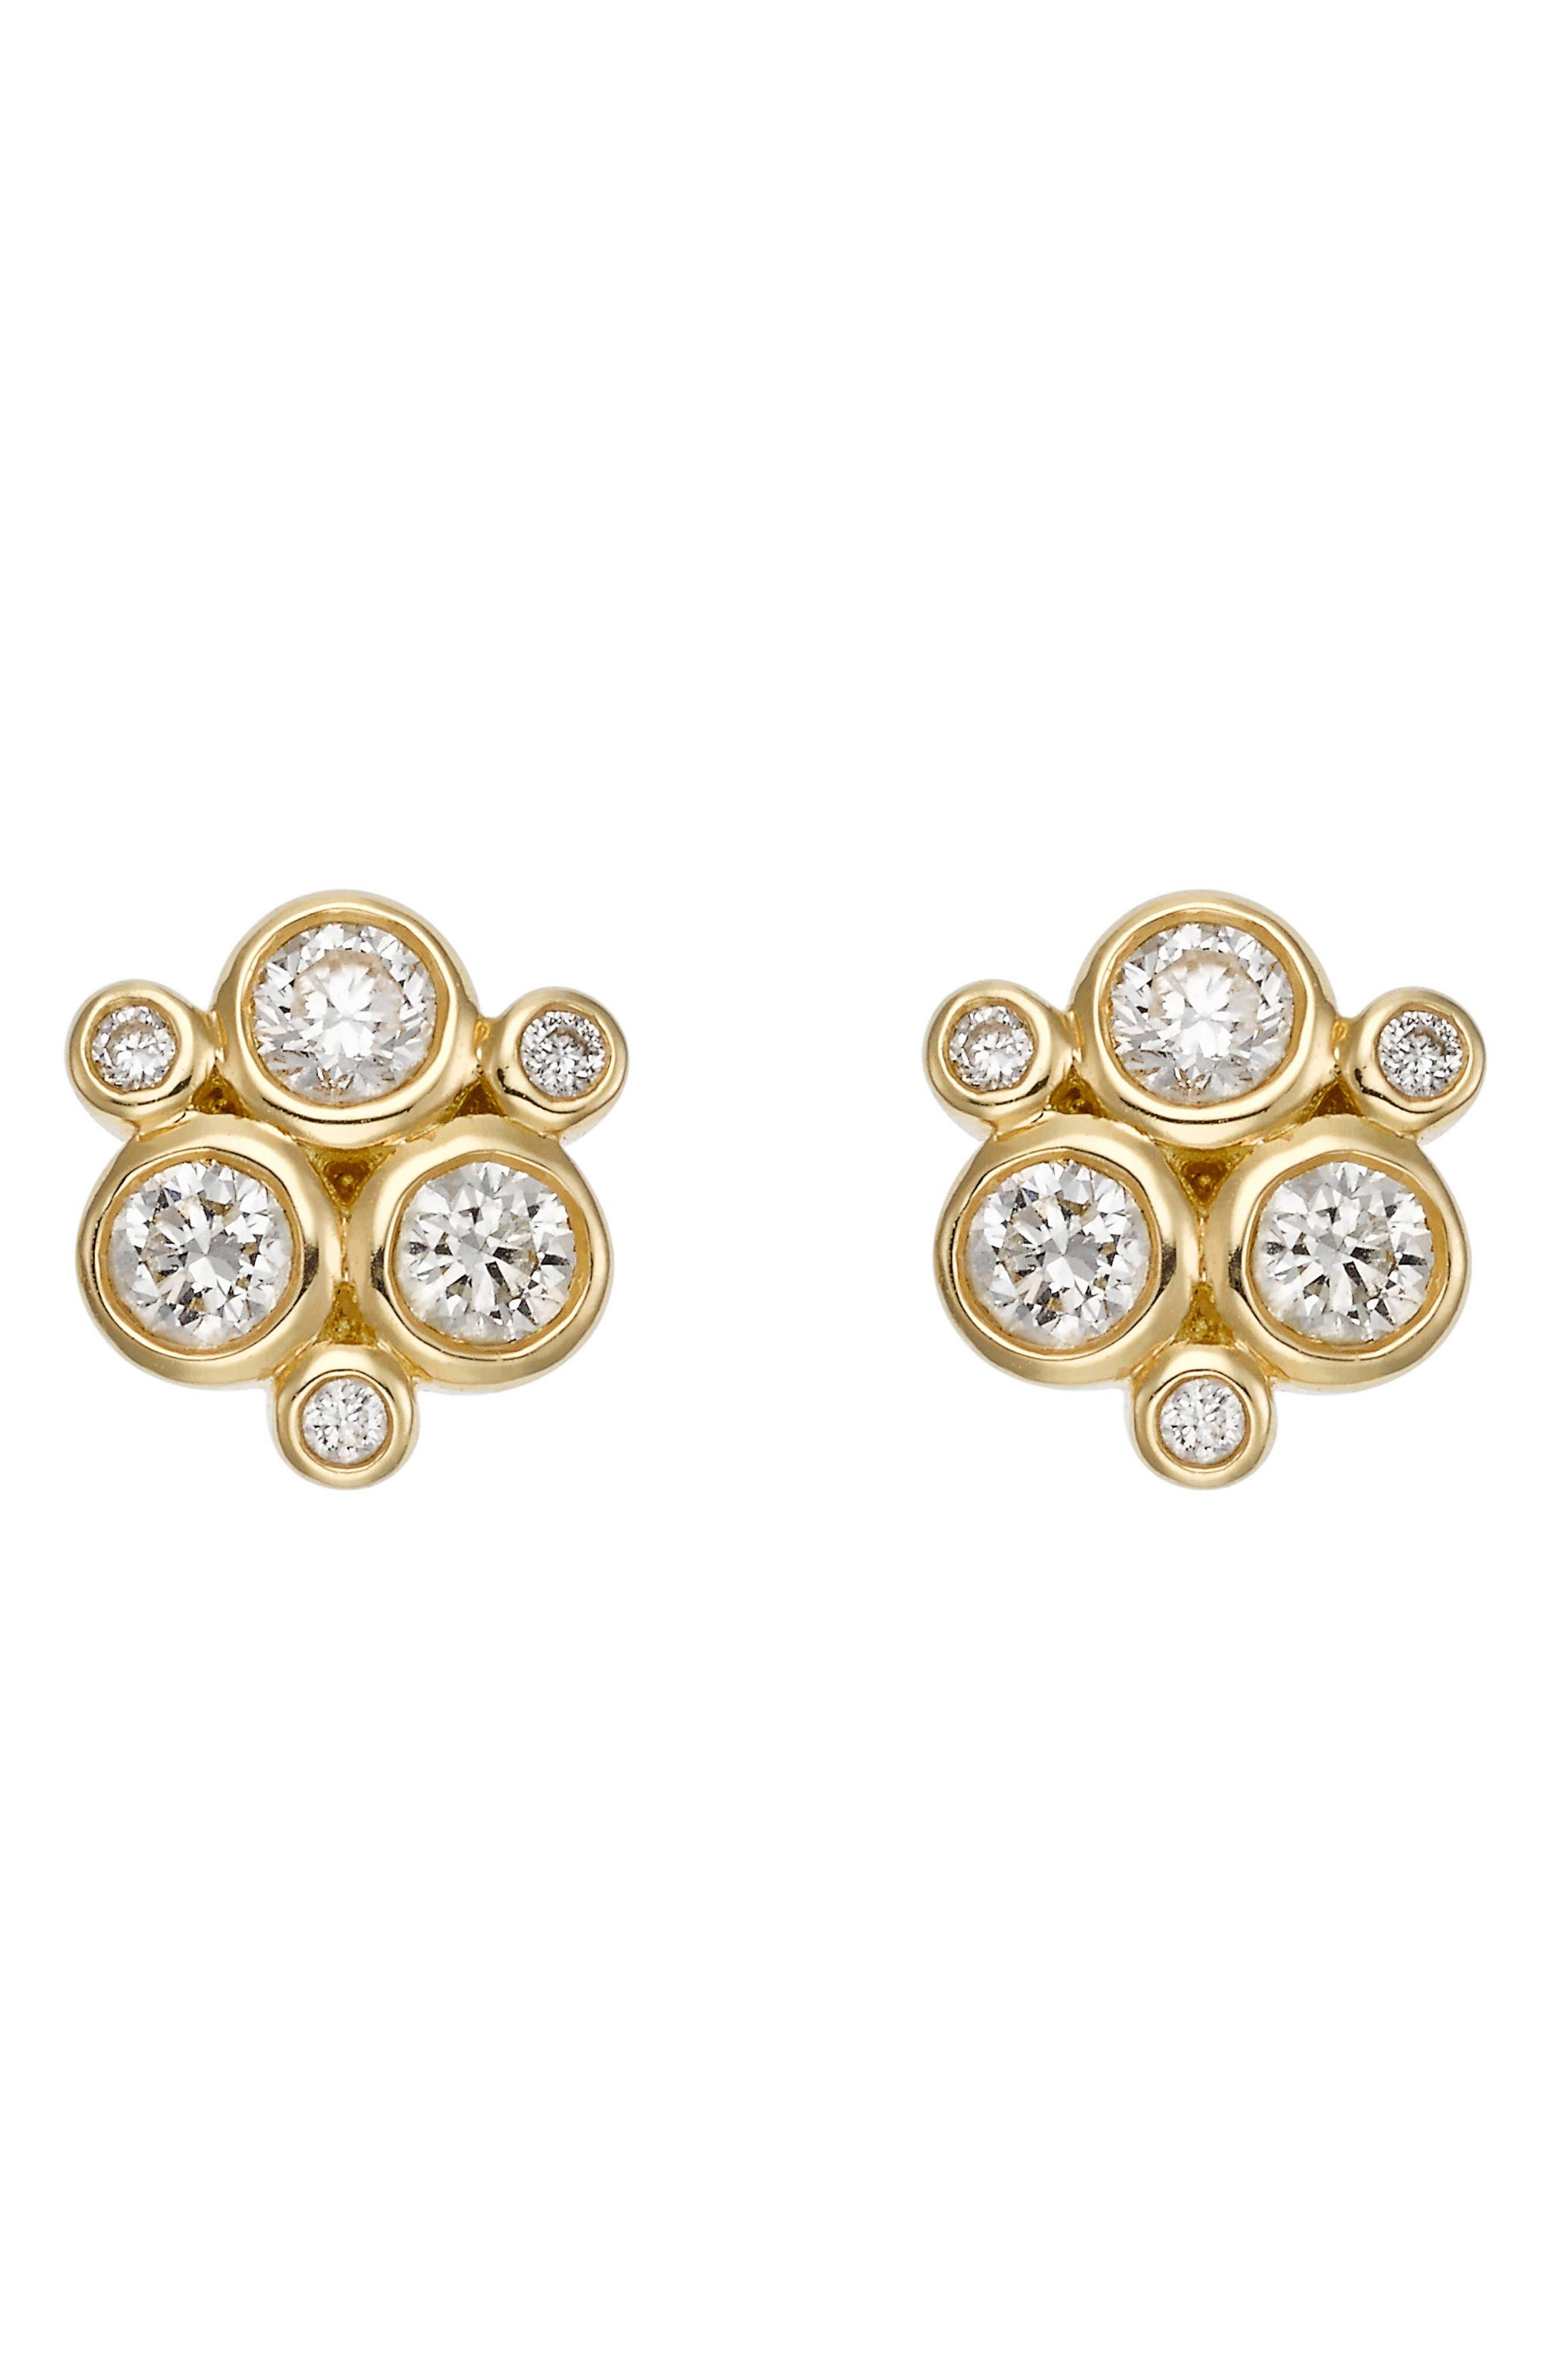 Main Image - Temple St. Clair Diamond Stud Earrings